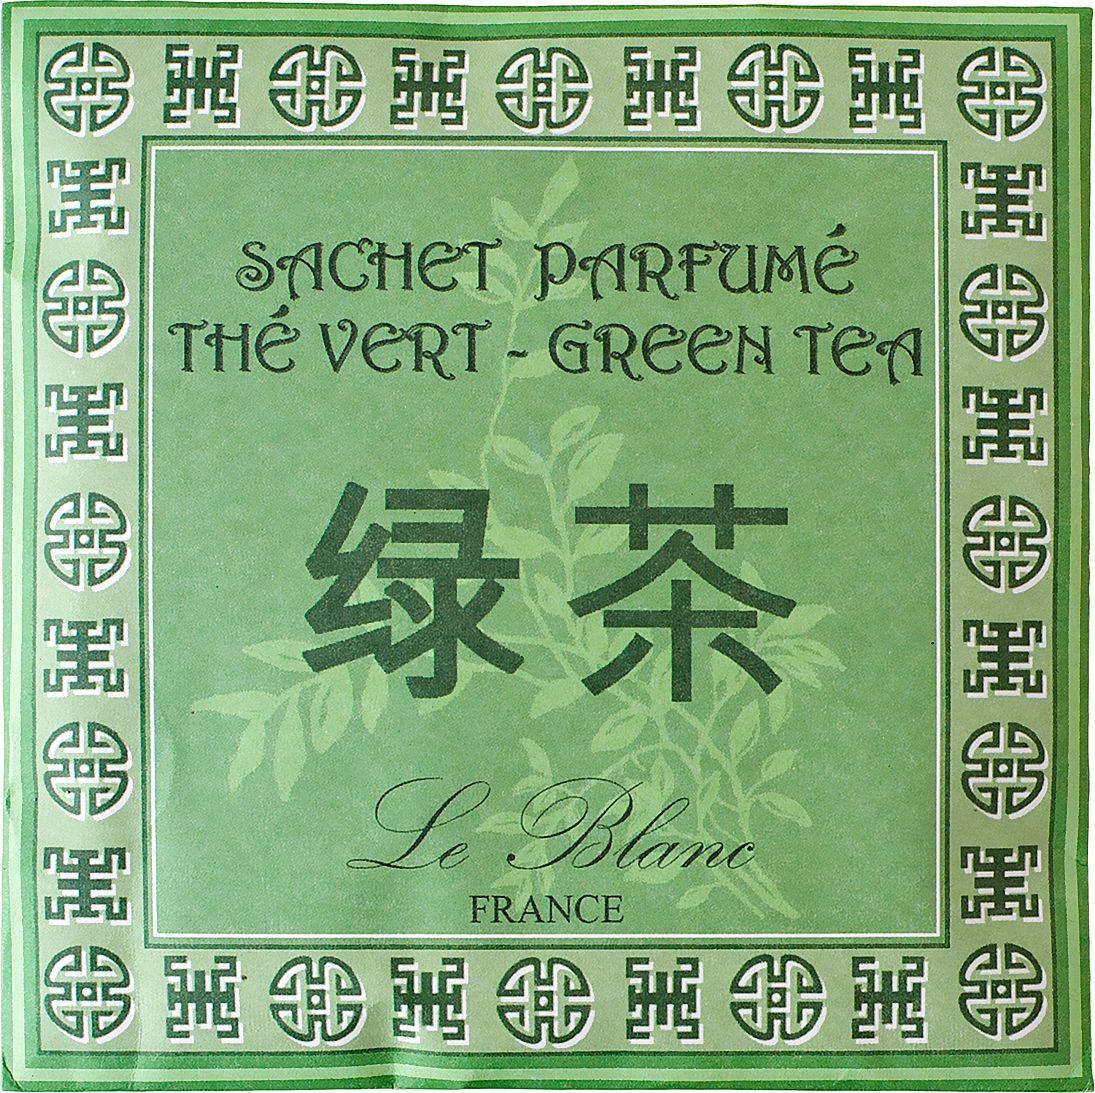 Подарки от Le Blanc - это роскошь в мелочах, определяющих стиль. Эти изящные вещицы привносят в нашу жизнь тонкие, нежные ароматы, создают настроение легкости и воздушности. Саше относятся к разряду тех мелочей, благодаря которым создается настоящий уют в доме. Аромат зелёного чая – тонкий и изысканный, очень бодрящий, и вместе с тем непередаваемо узнаваемый. Это свежий чудесный запах, с тонкими древесными нотами, который навевает ощущение домашнего тепла и уюта. Аромат зелёного чая проникнут тонким и уловимым запахом, в котором смешалась и свежая кислинка цитрусовых, и хрупкие растительные, древесные и водные ноты. Он словно дарит нам чистоту и прохладу зелёной древесной чащи или бескрайнего чайного поля, омытого росой.